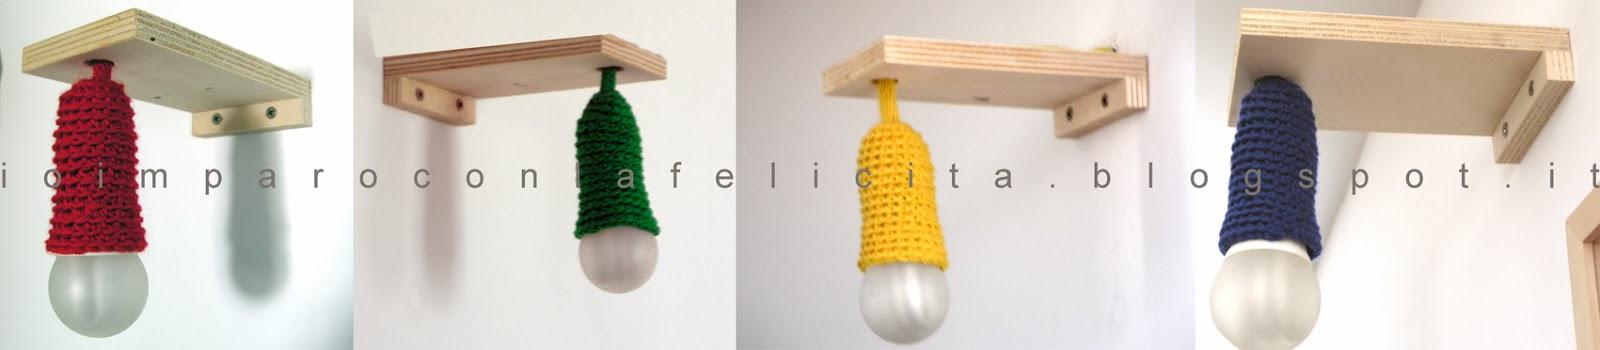 Io imparo con la felicit lampade da parete fai da te - Parete in legno fai da te ...